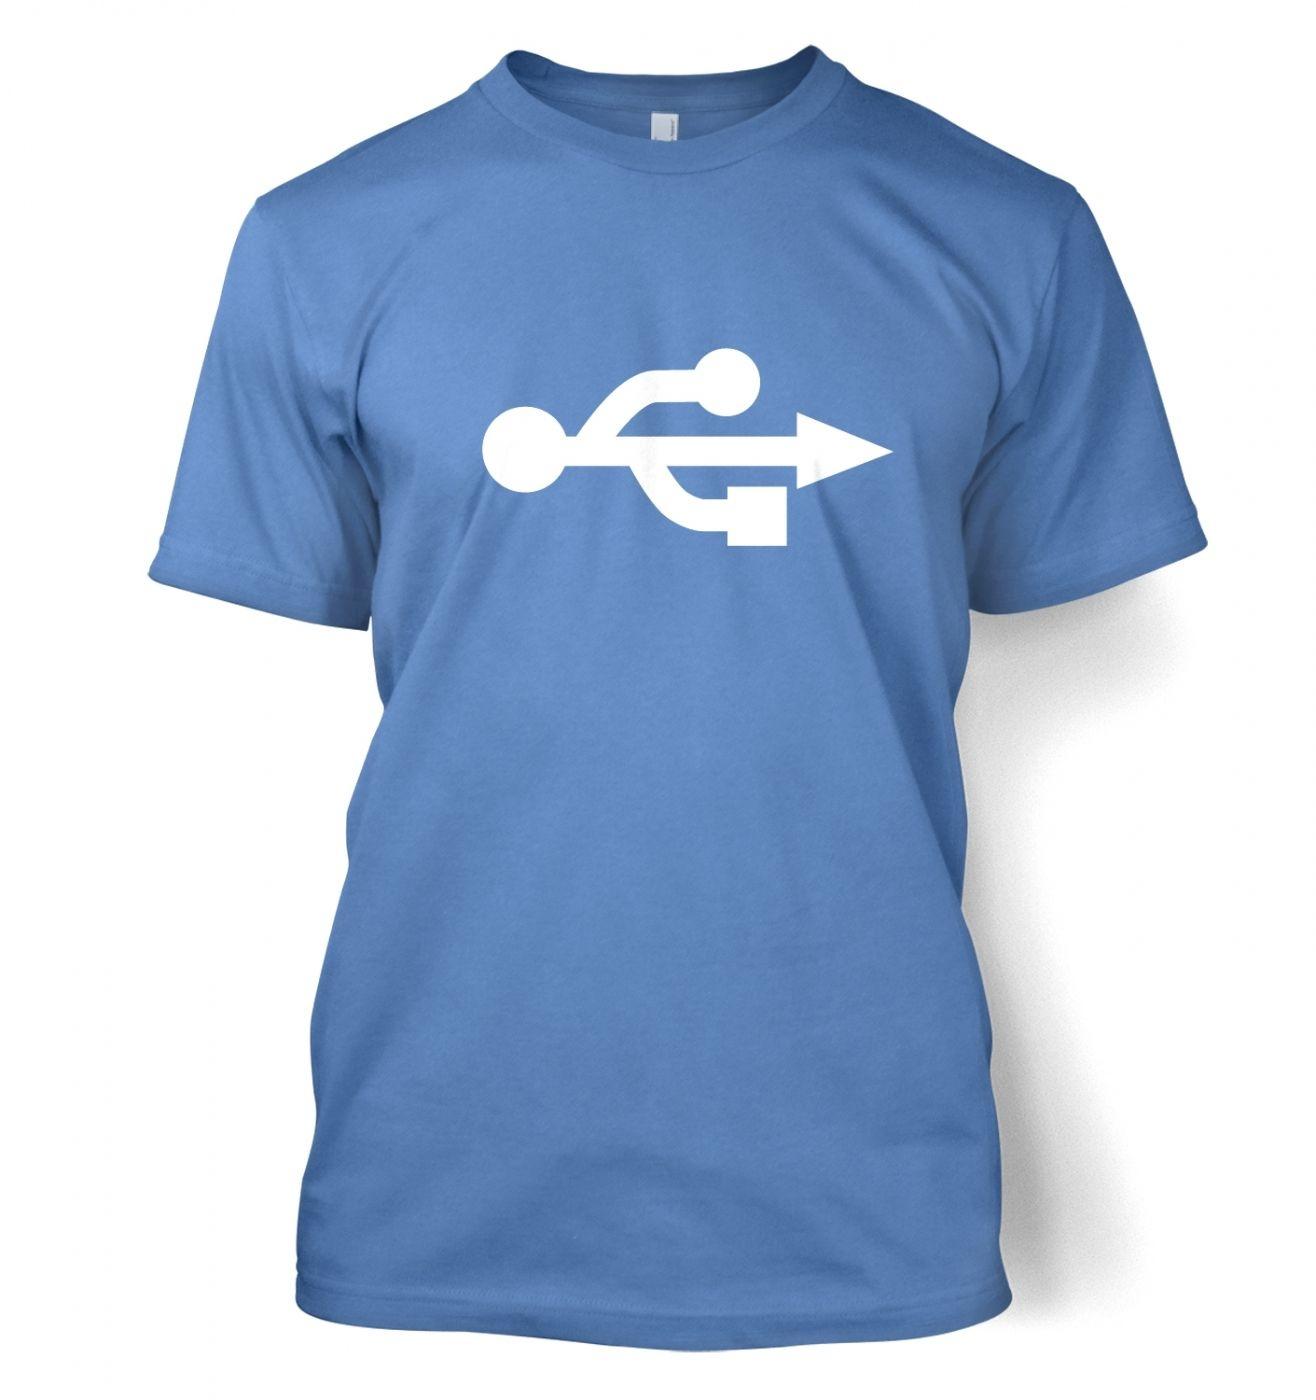 USB Universal Serial Bus symbol t-shirt